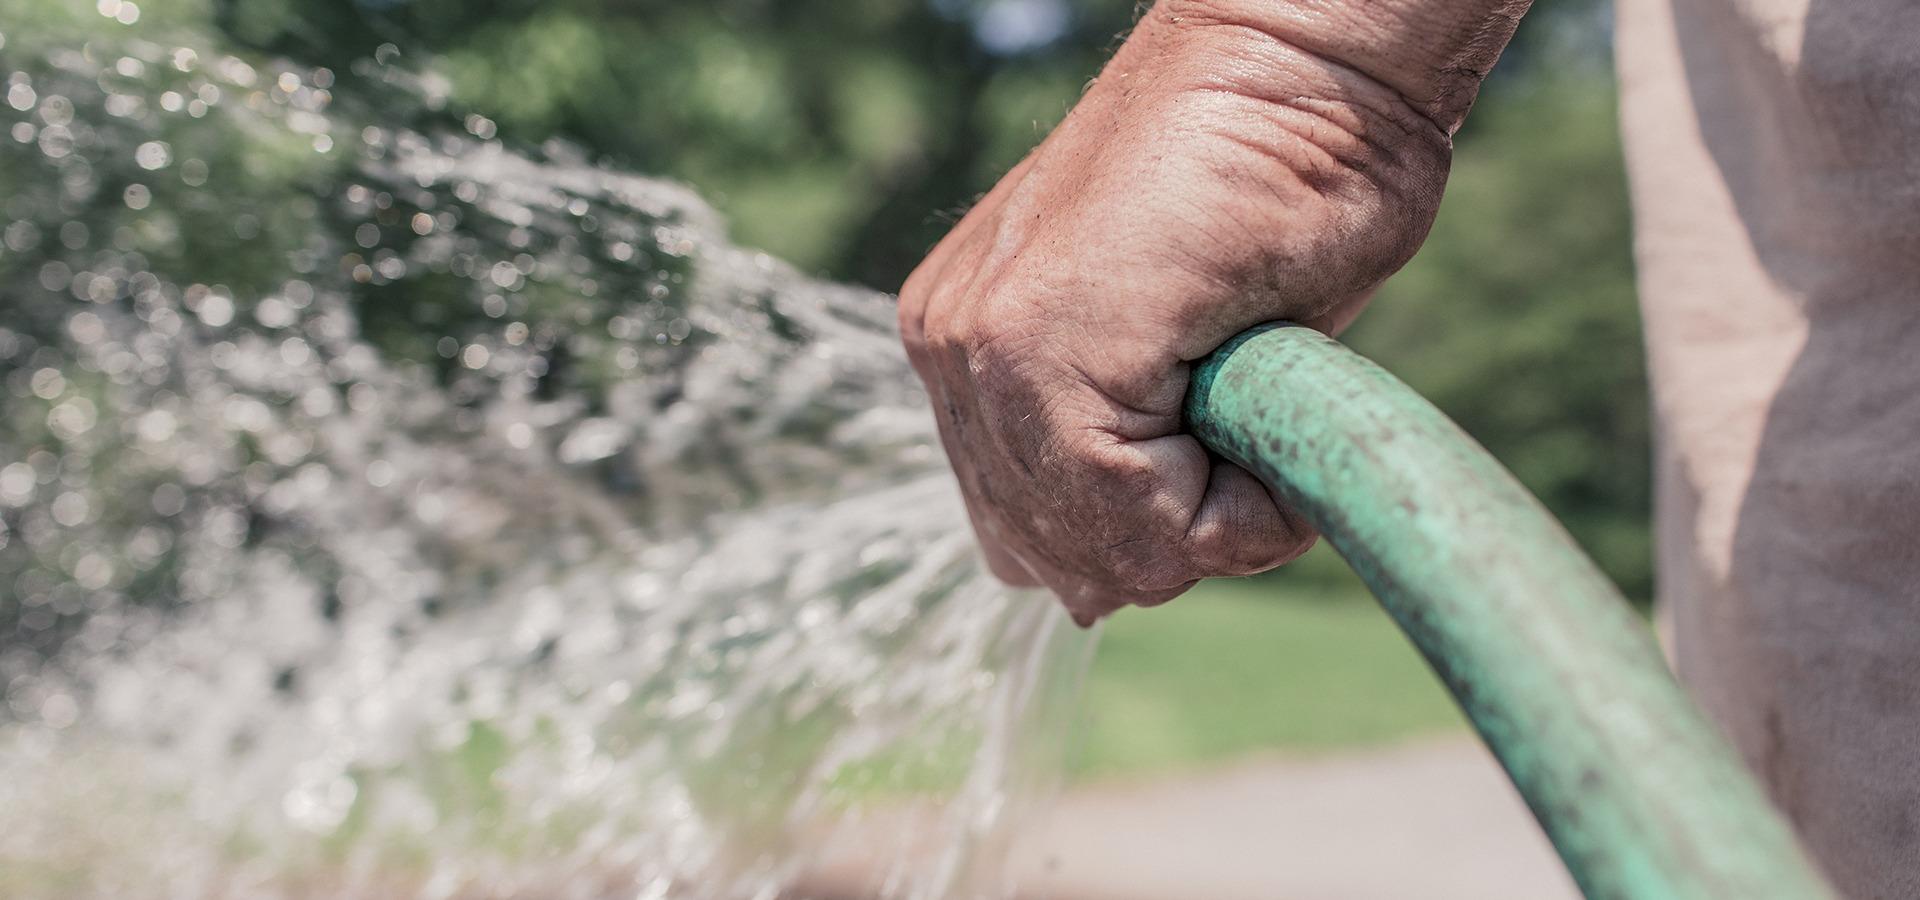 Hjælp til havearbejde tilbydes